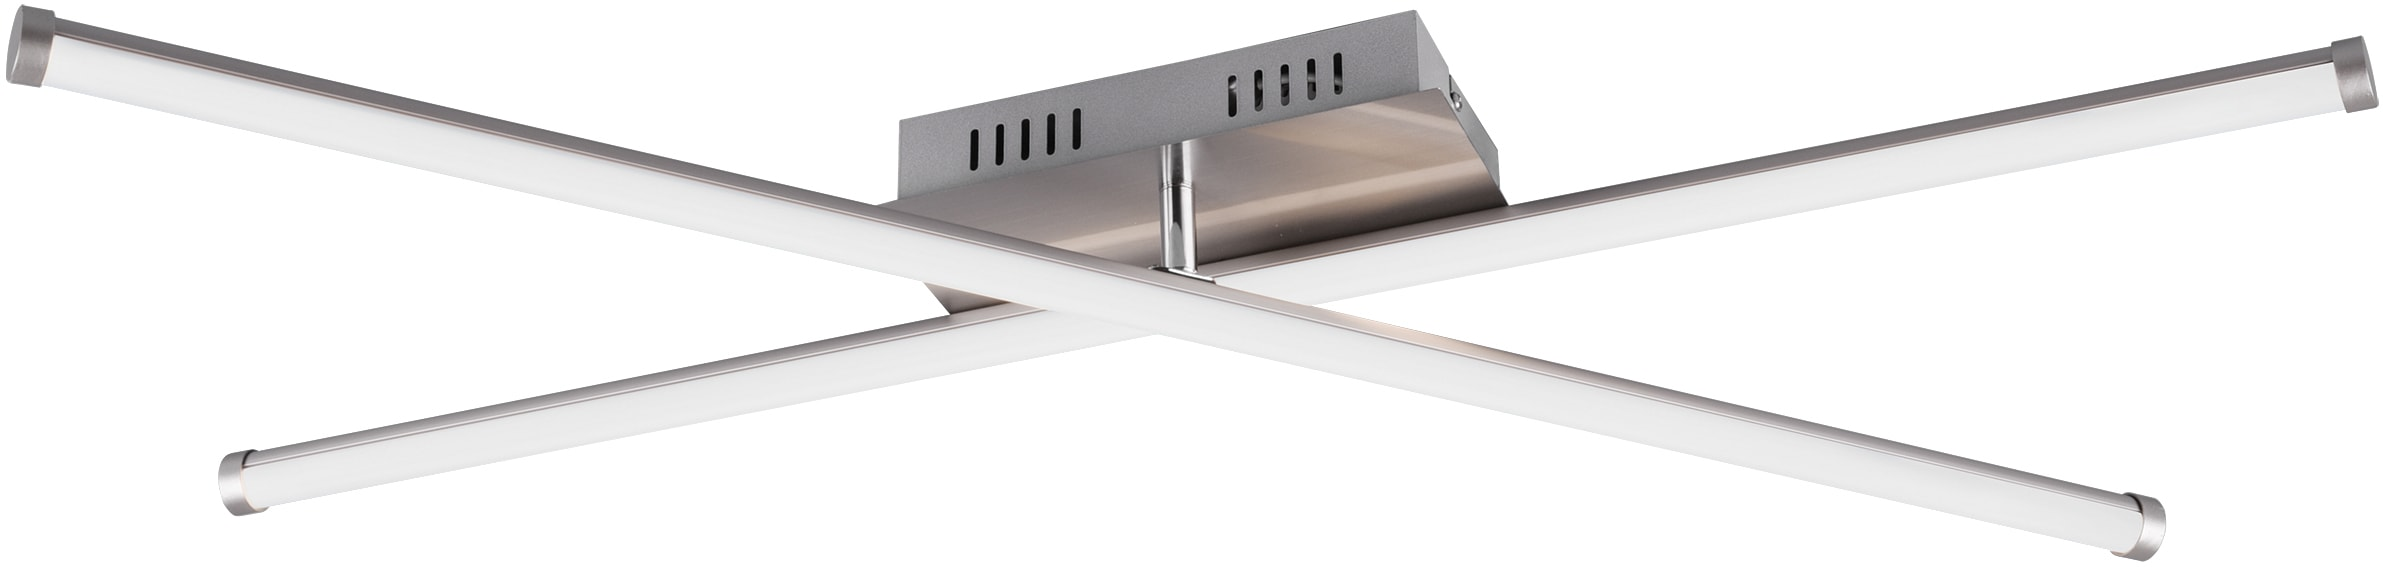 TRIO Leuchten LED Deckenleuchte SMARAGD, LED-Board, 1 St., Farbwechsler, LED Deckenlampe